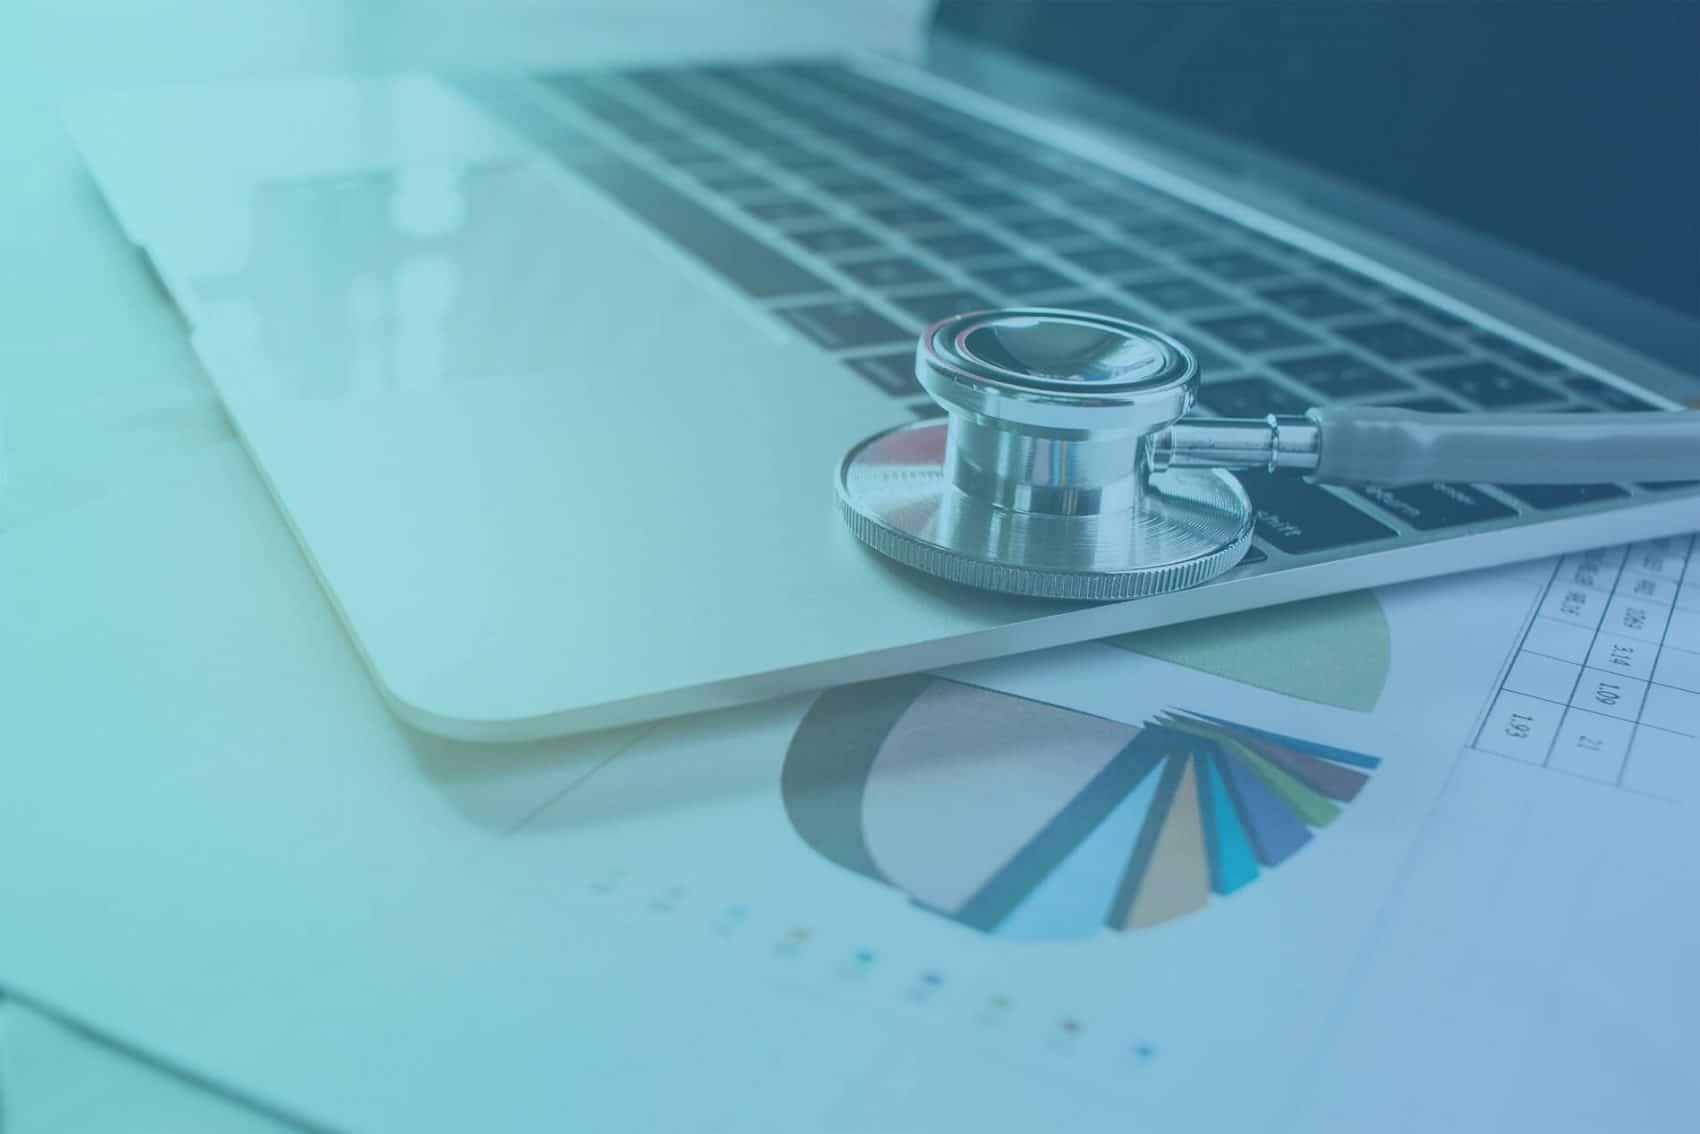 Medic Update de Google, les 2 tactiques à intégrer dès aujourd'hui dans votre stratégie d'inbound marketing B2B.